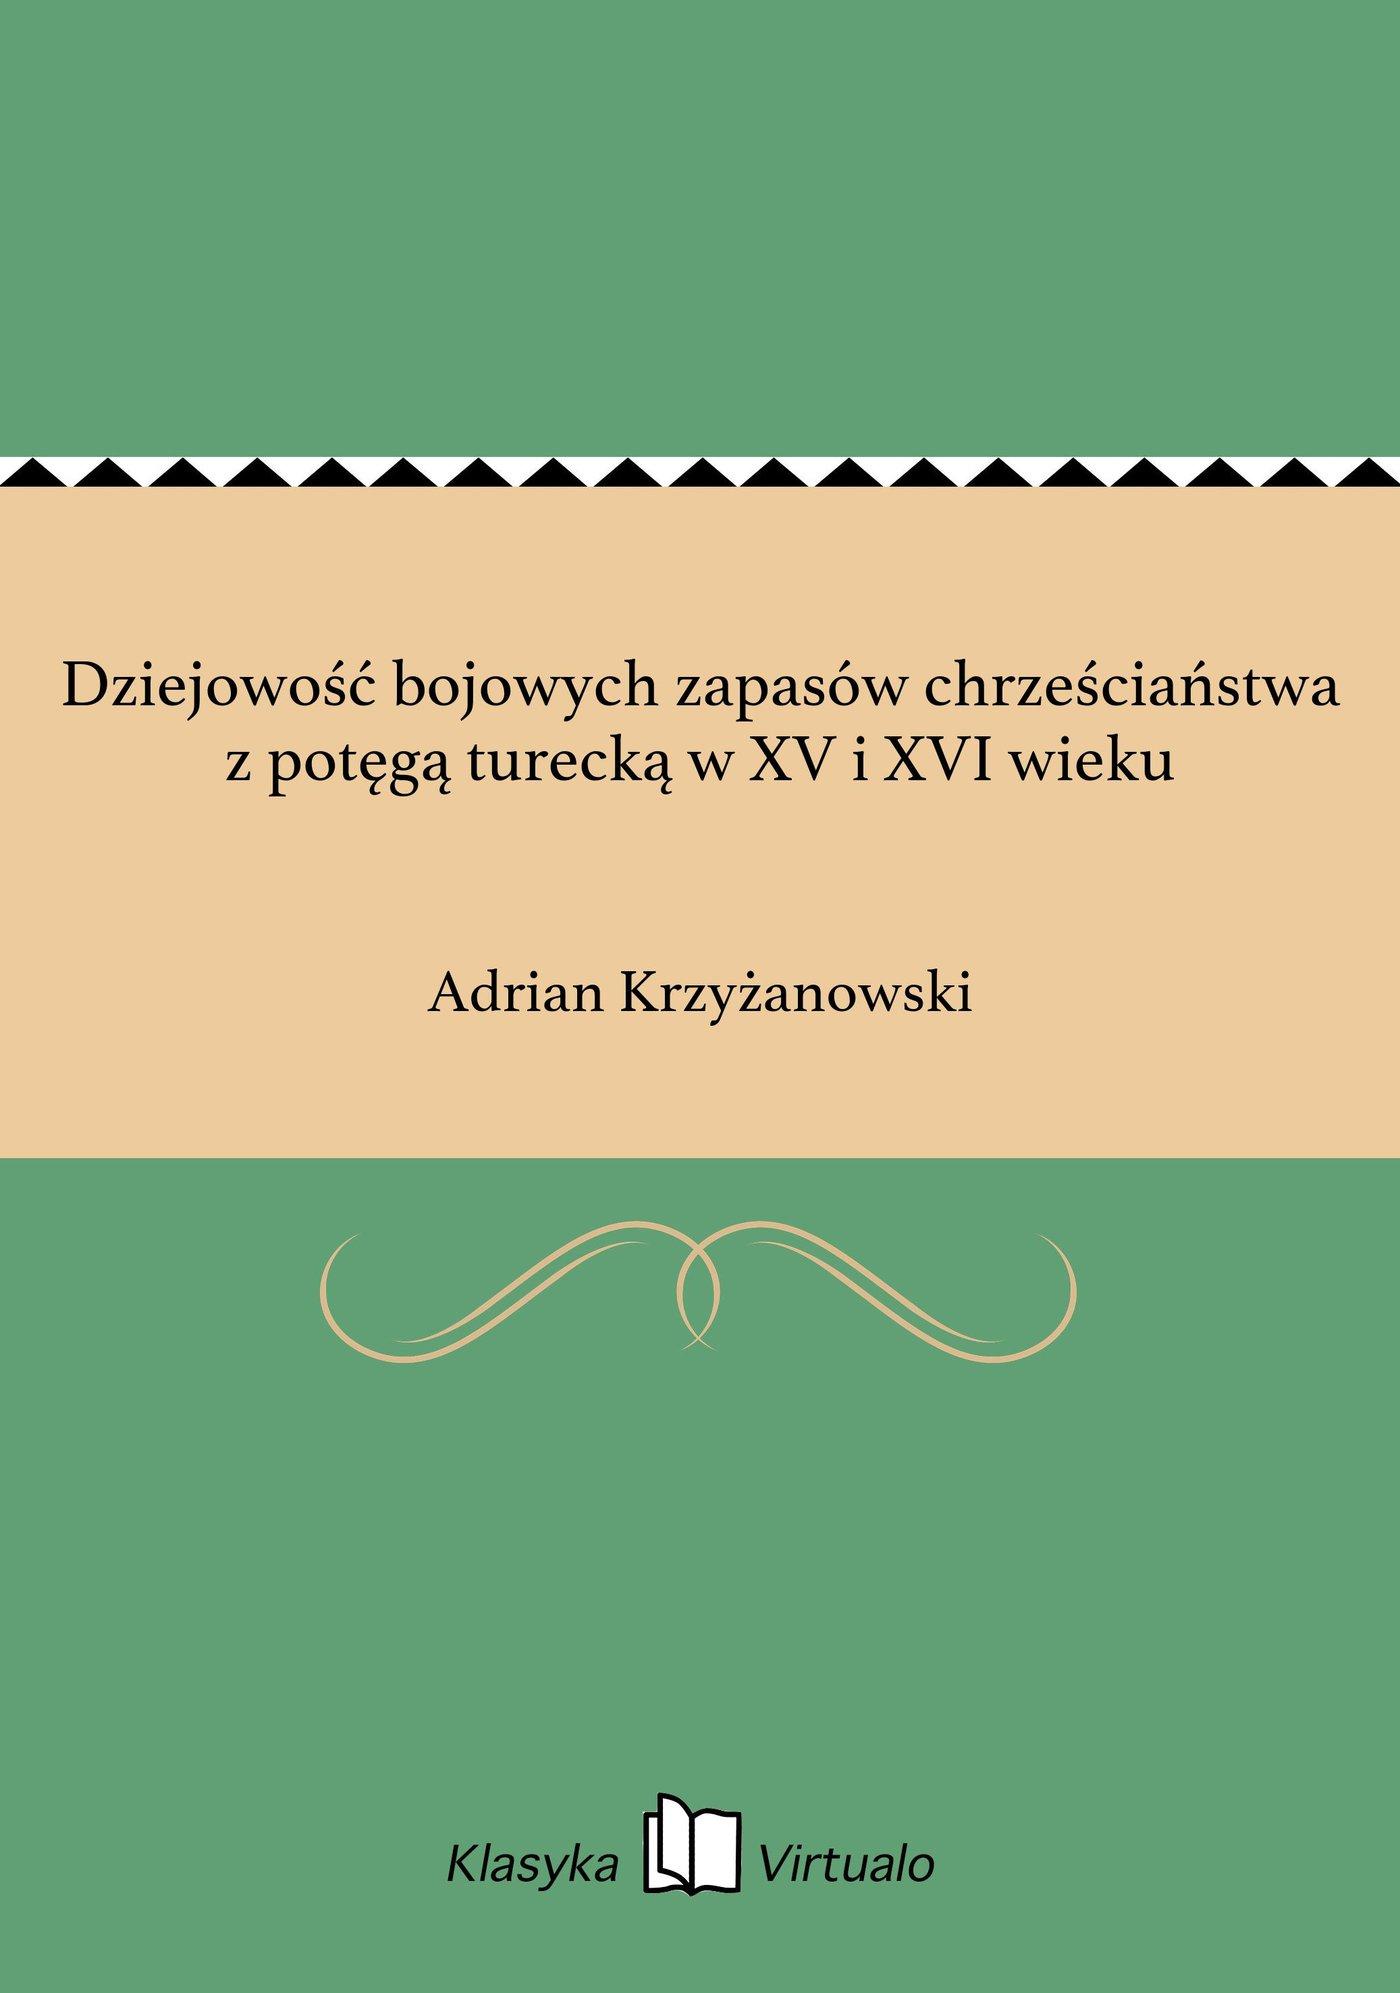 Dziejowość bojowych zapasów chrześciaństwa z potęgą turecką w XV i XVI wieku - Ebook (Książka na Kindle) do pobrania w formacie MOBI